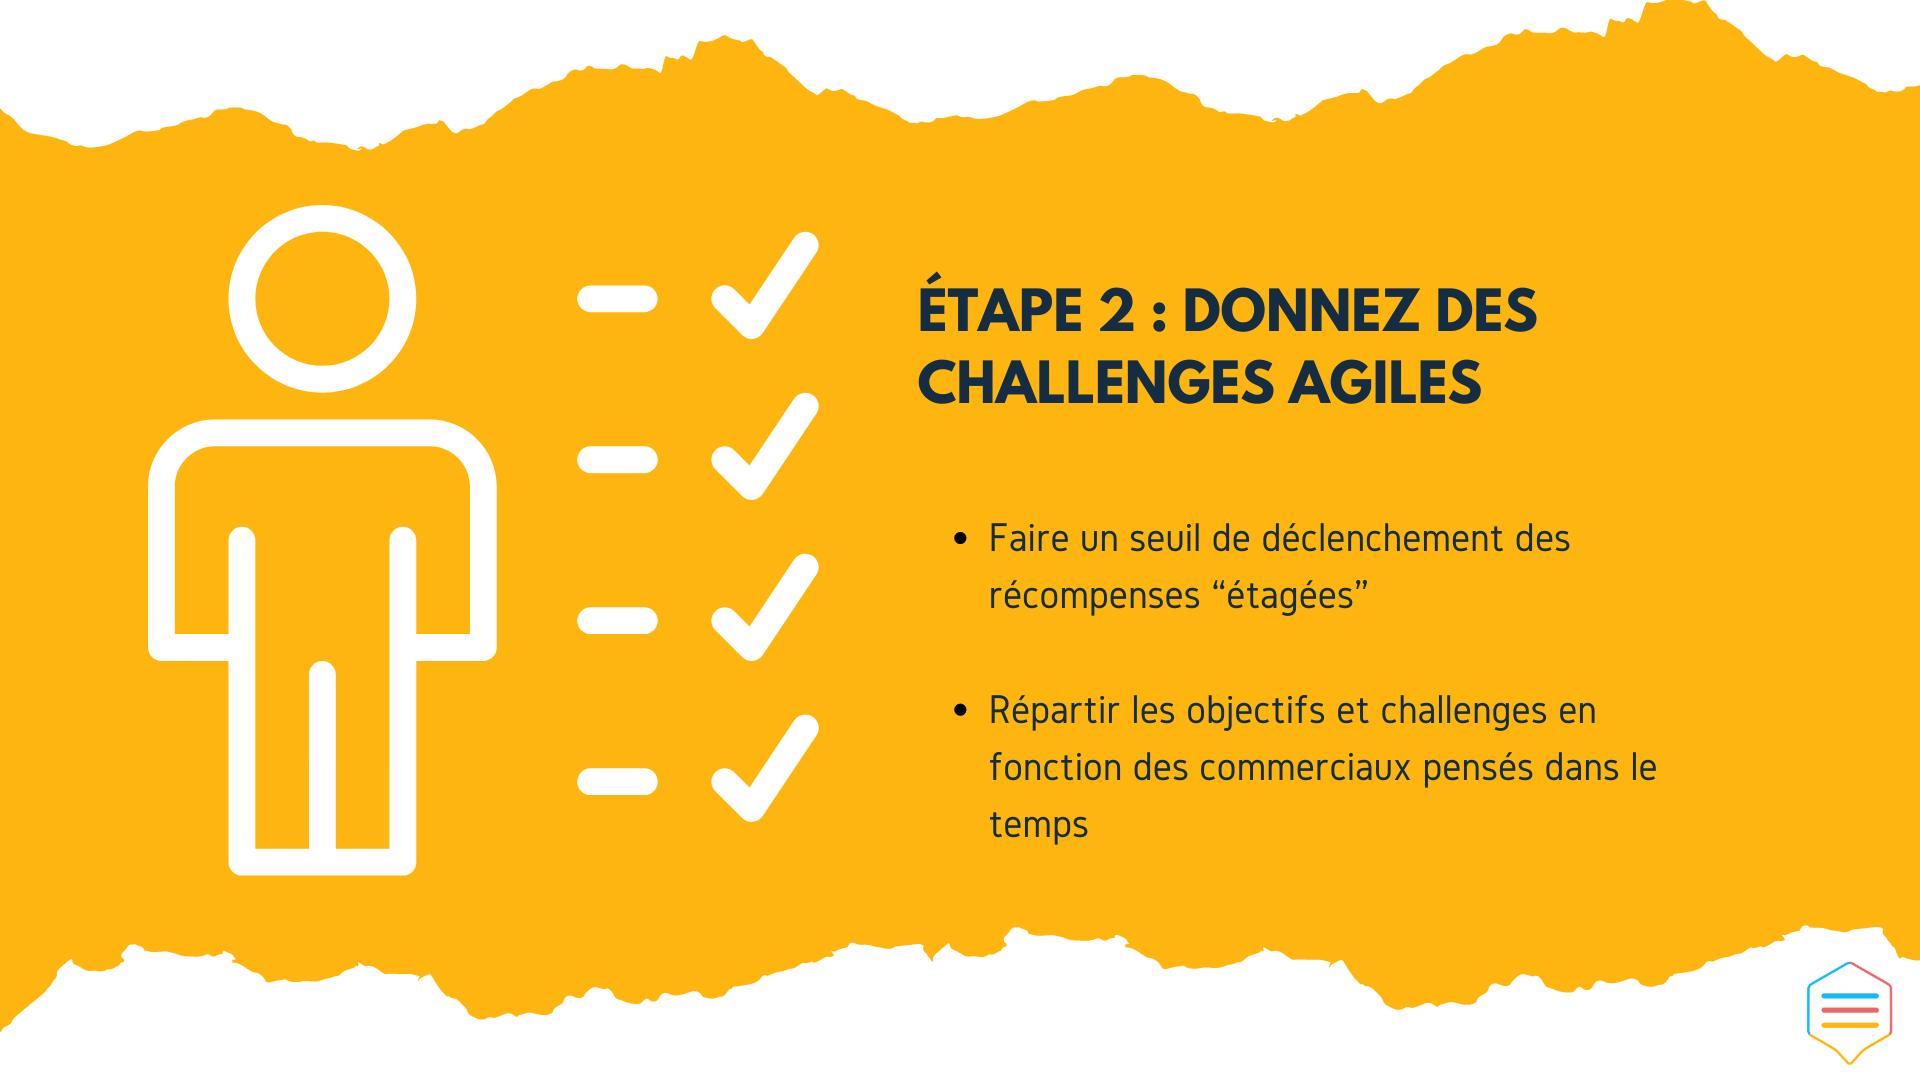 challenge agile